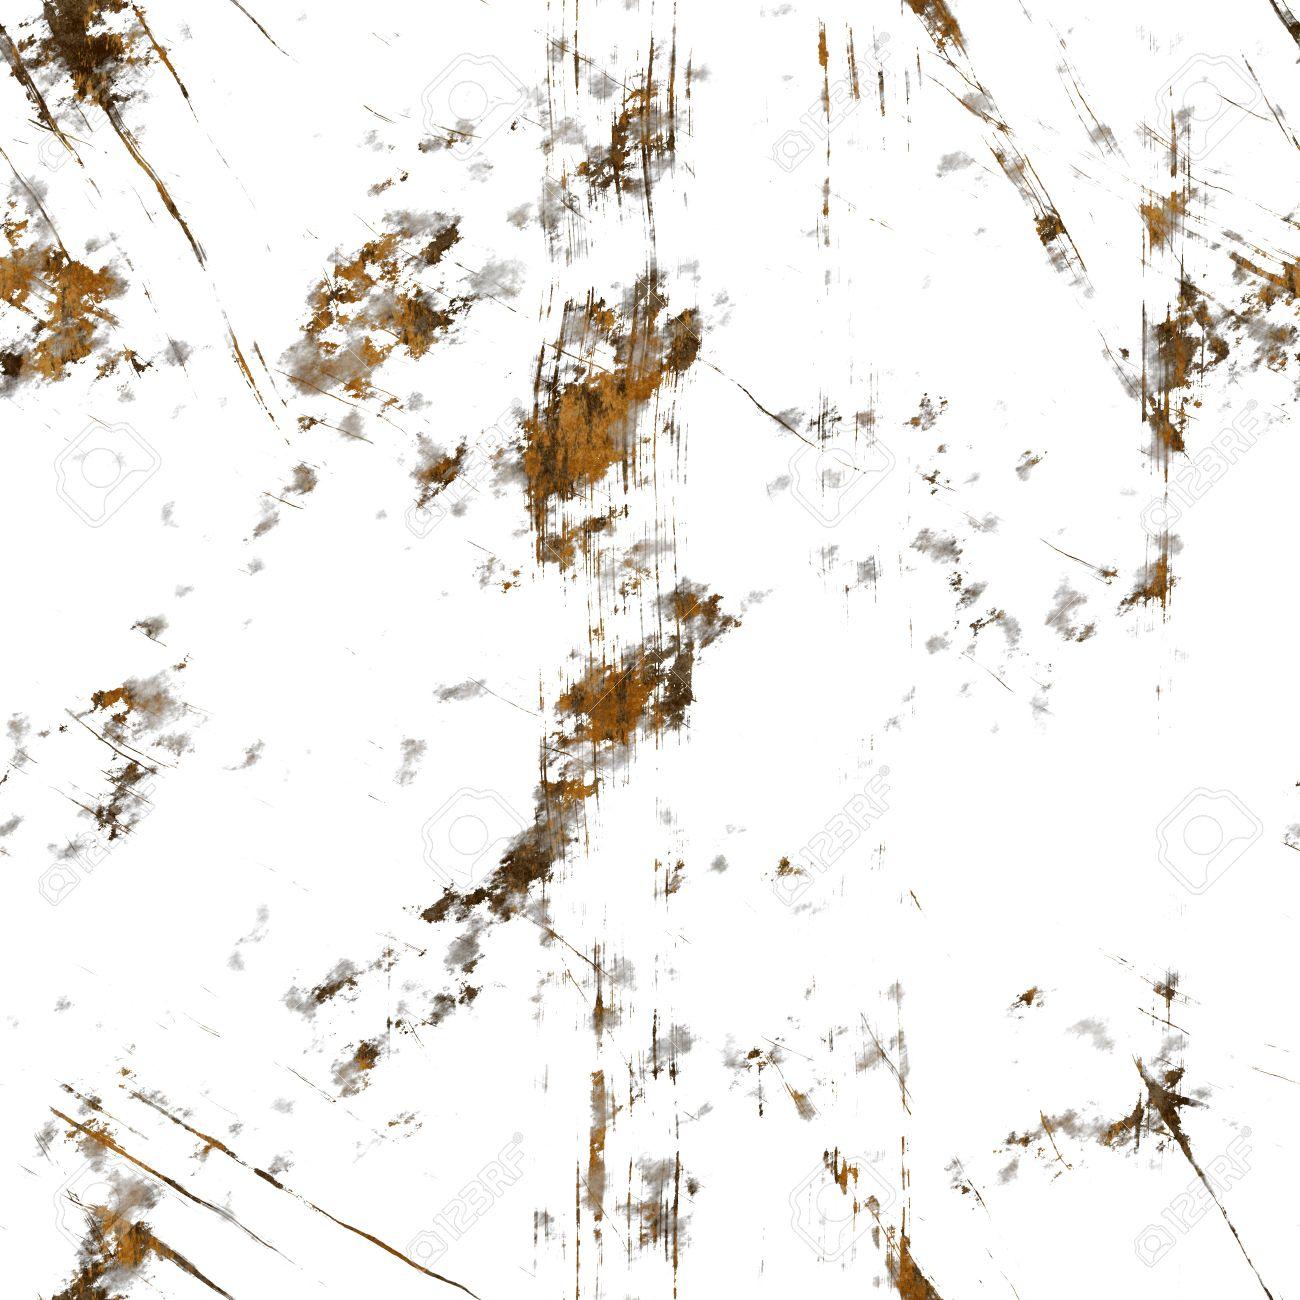 Bild mit transparentem hintergrund erzeugen